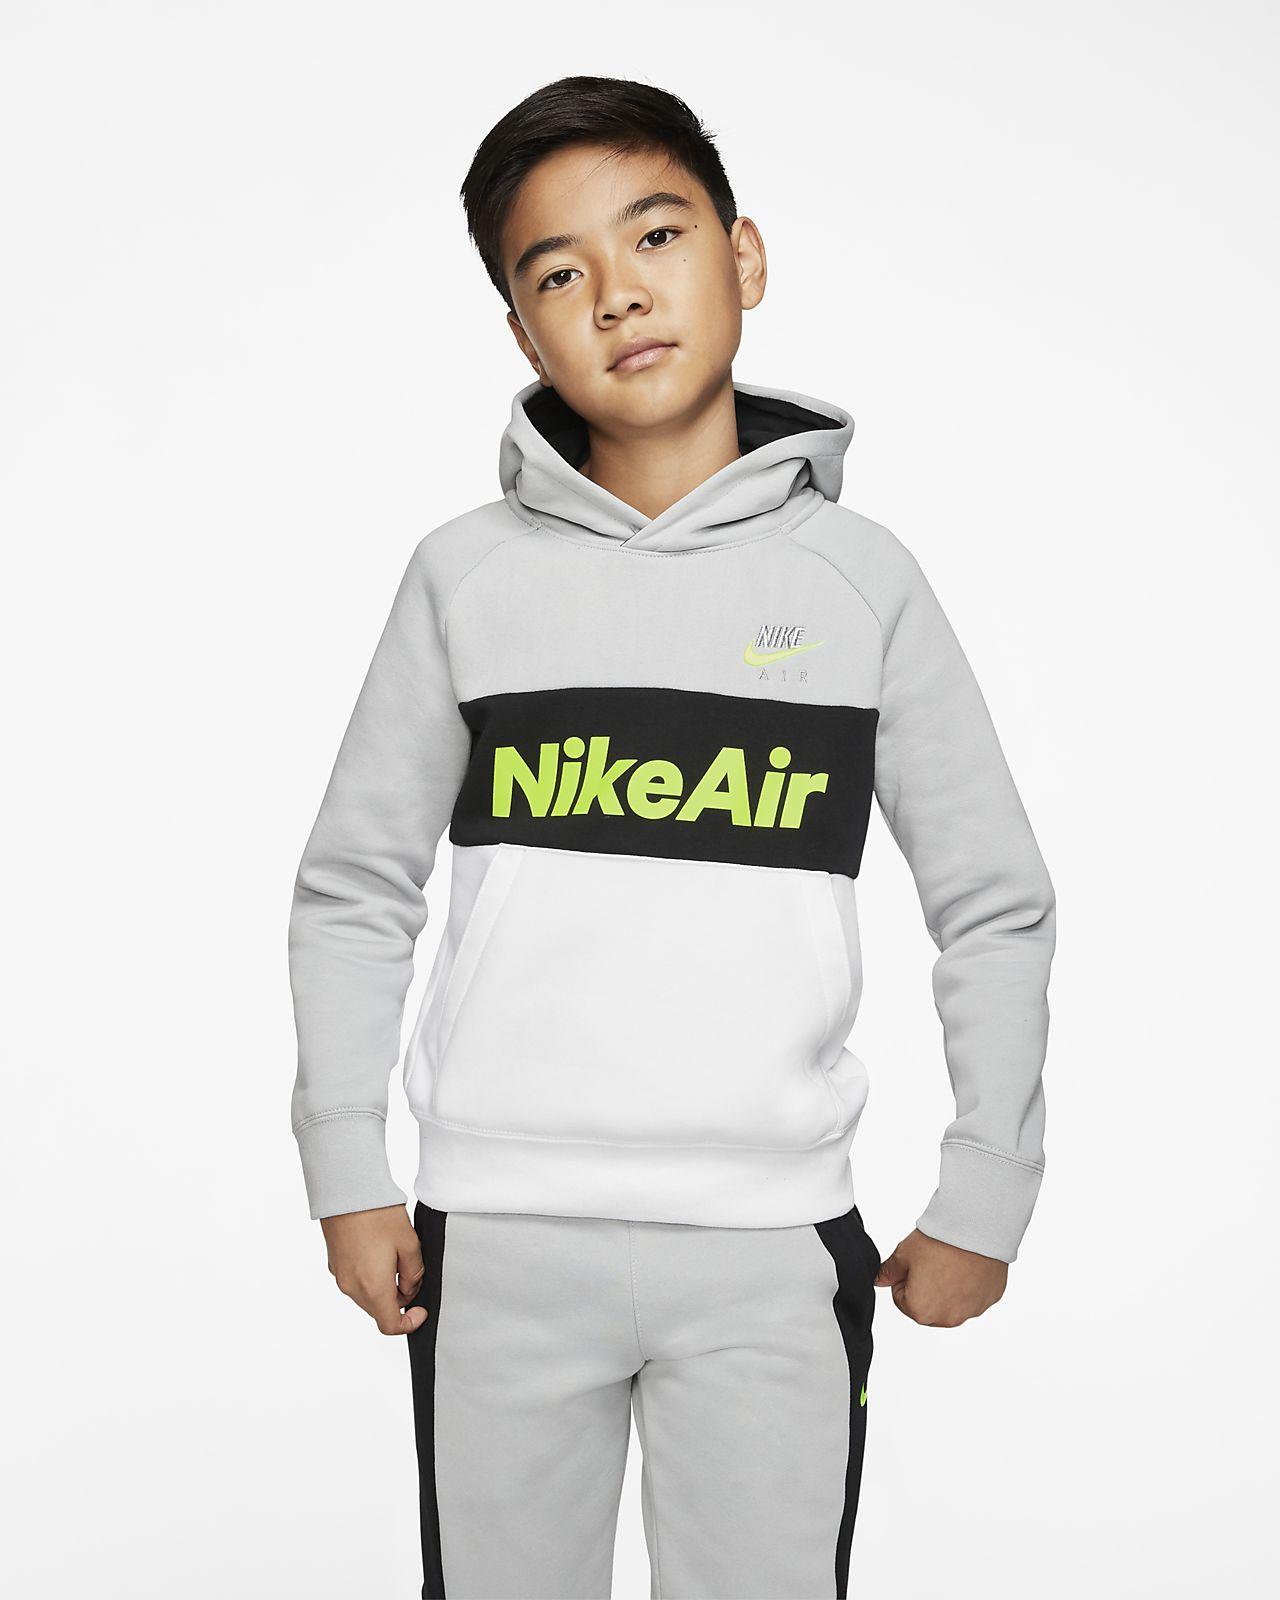 Nike Air 大童 (男童) 套頭連帽上衣